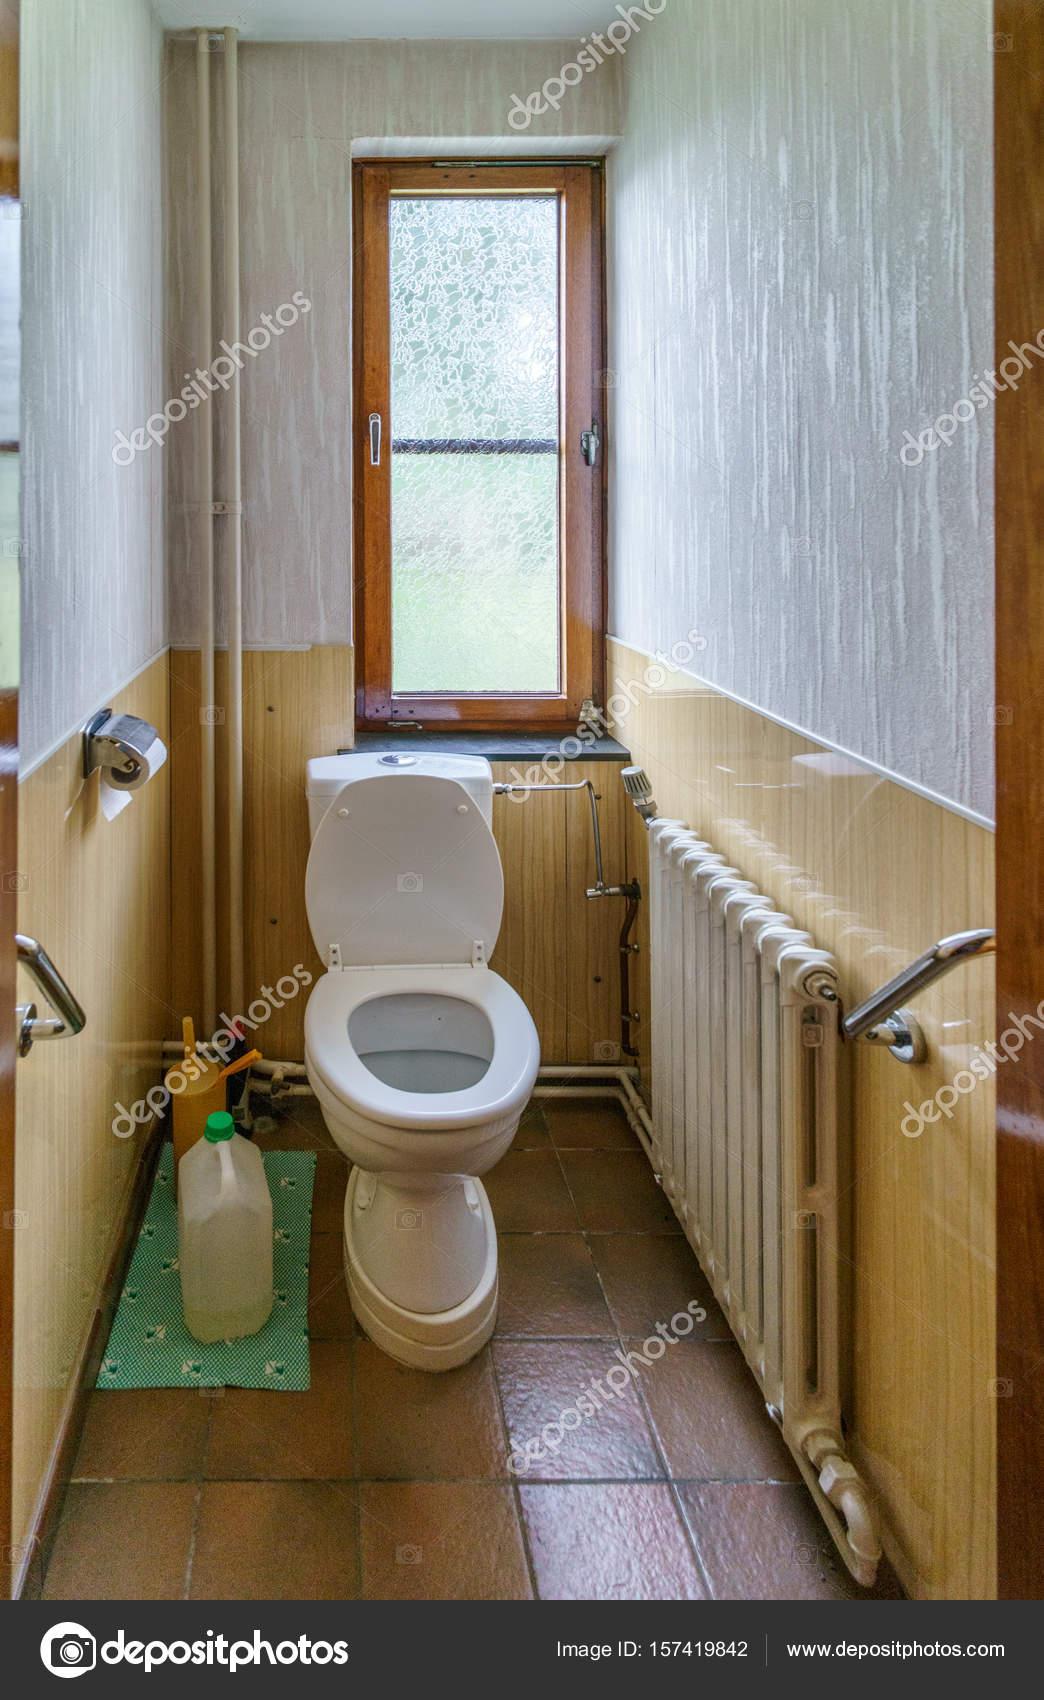 WC mit Sitz, in kleinen engen Badezimmer — Stockfoto © Bruno135 ...